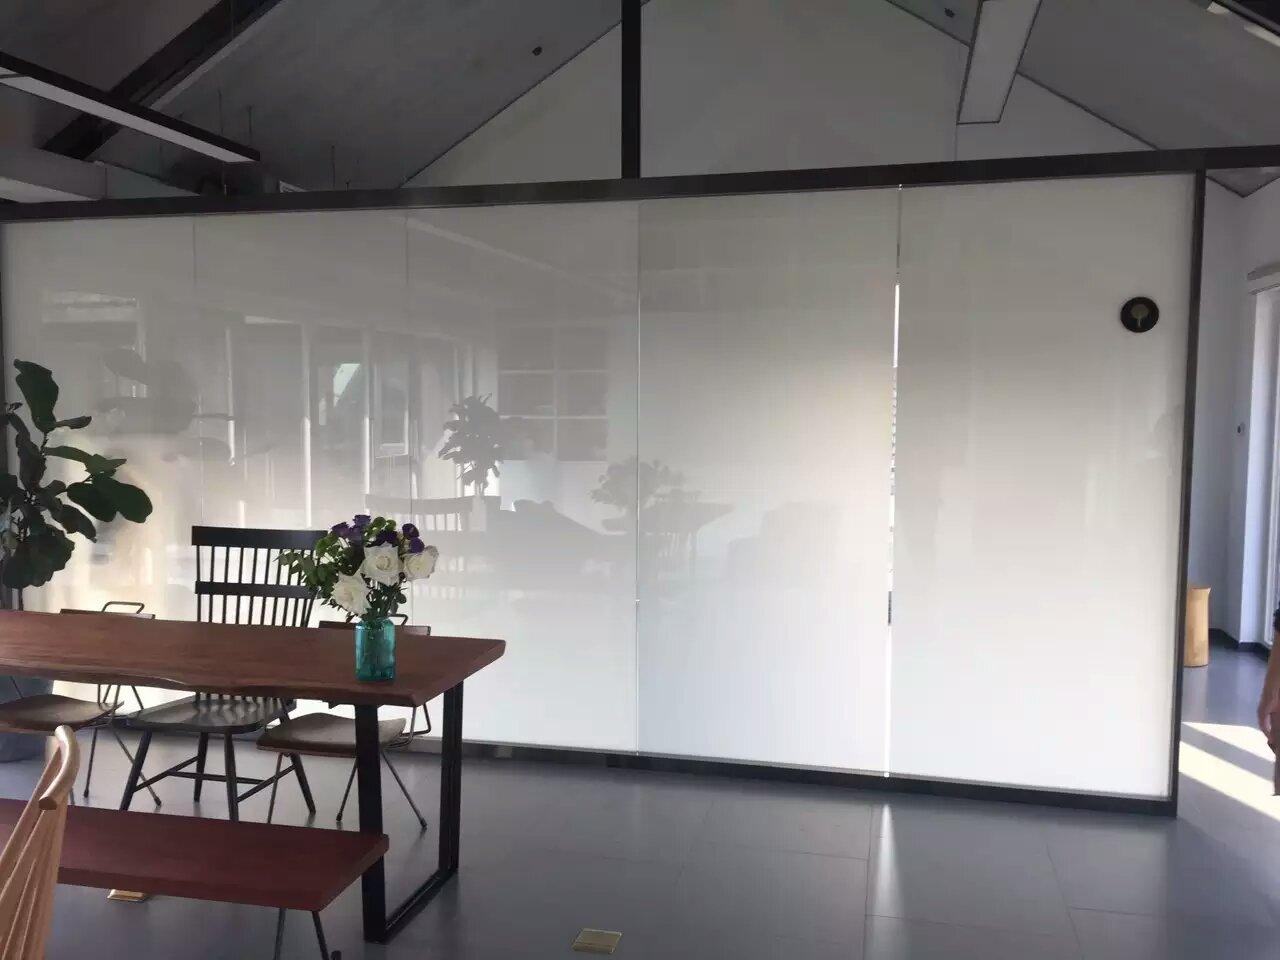 elektrisch glas verduisteren. Black Bedroom Furniture Sets. Home Design Ideas